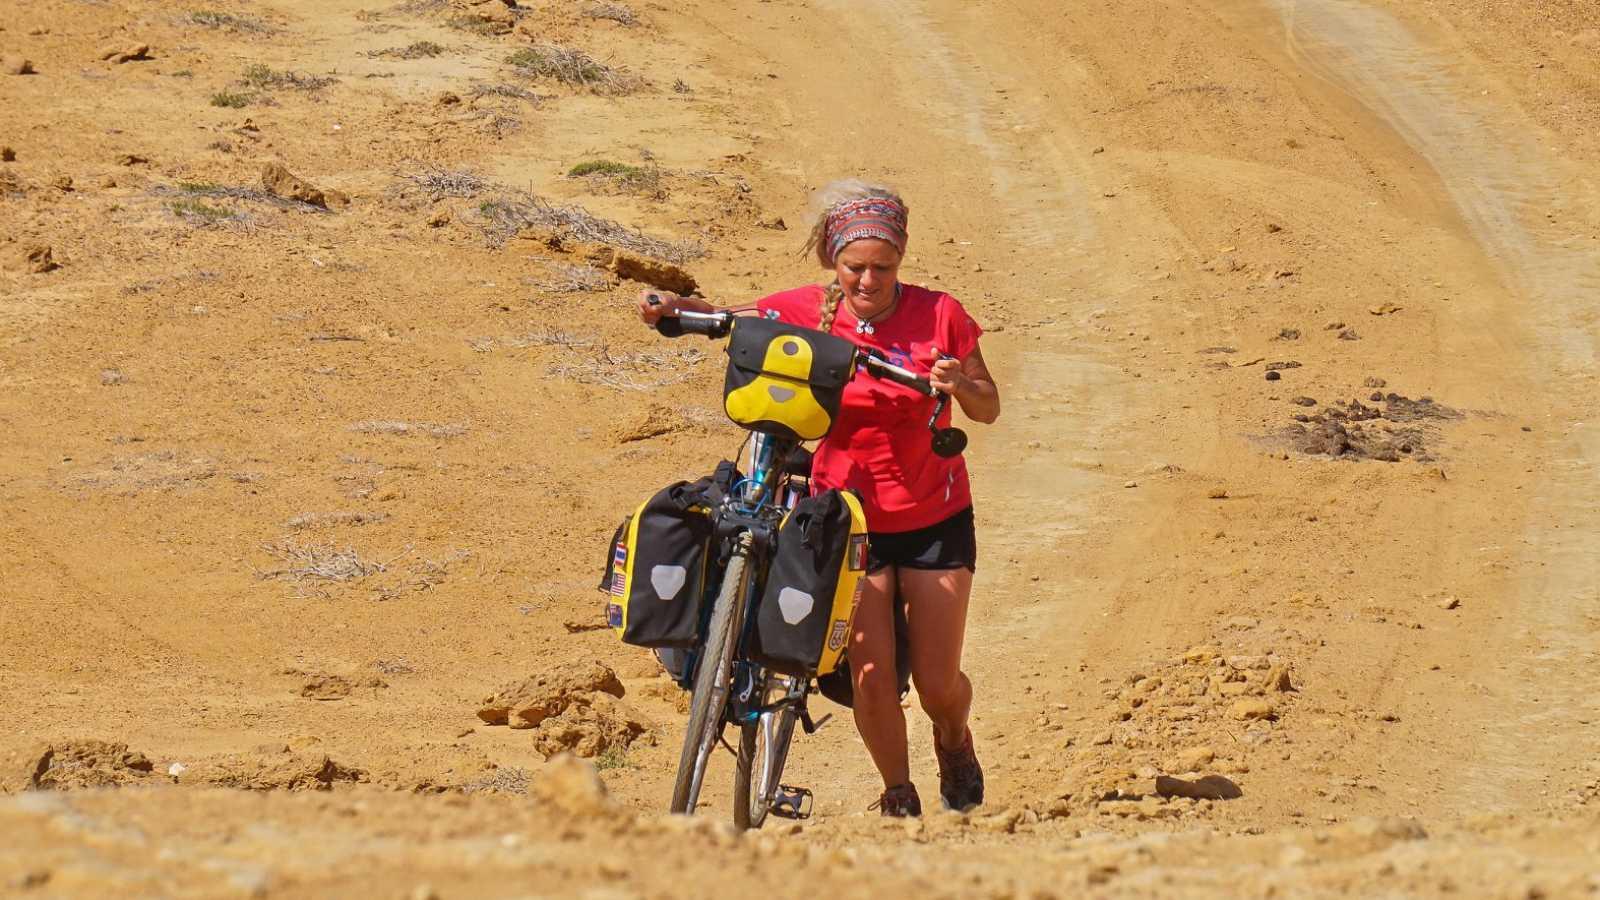 Artesfera - Cristina Spinola, la primera española en recorrer el mundo en bicicleta - 15/03/18 - escuchar ahora